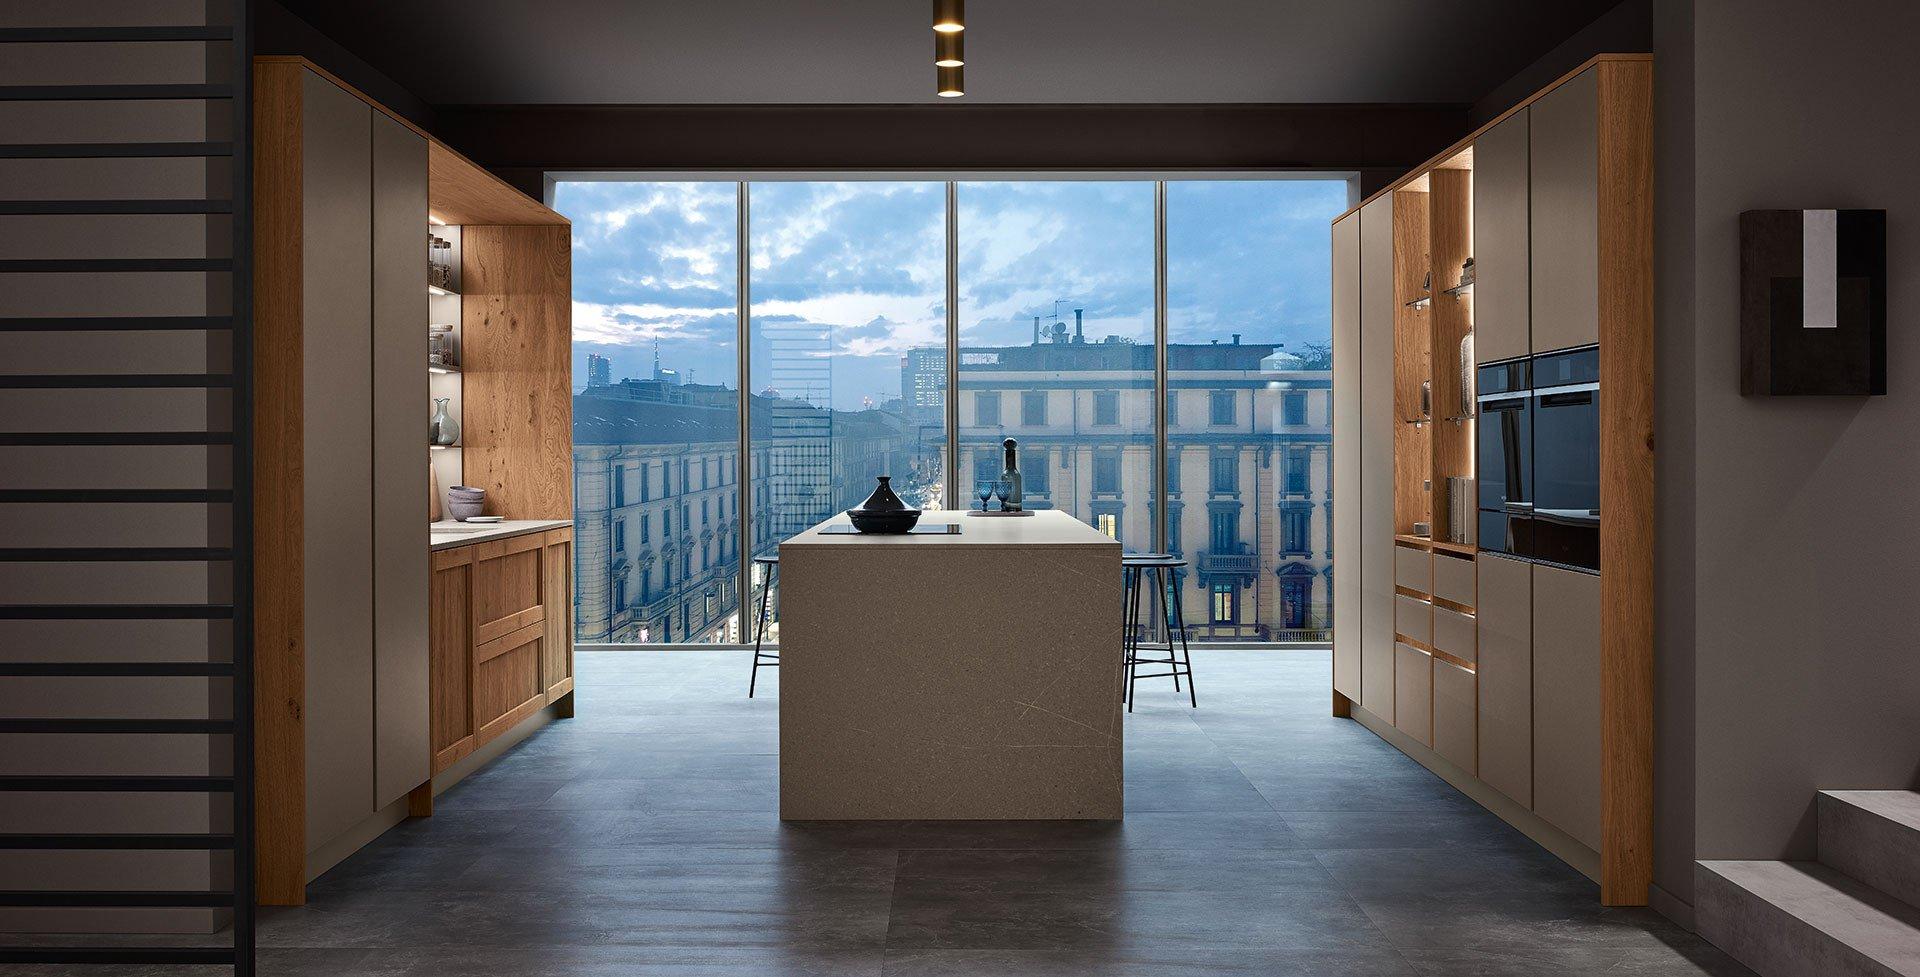 Veneta cucine 09 Milano – Bergamo Arredamenti